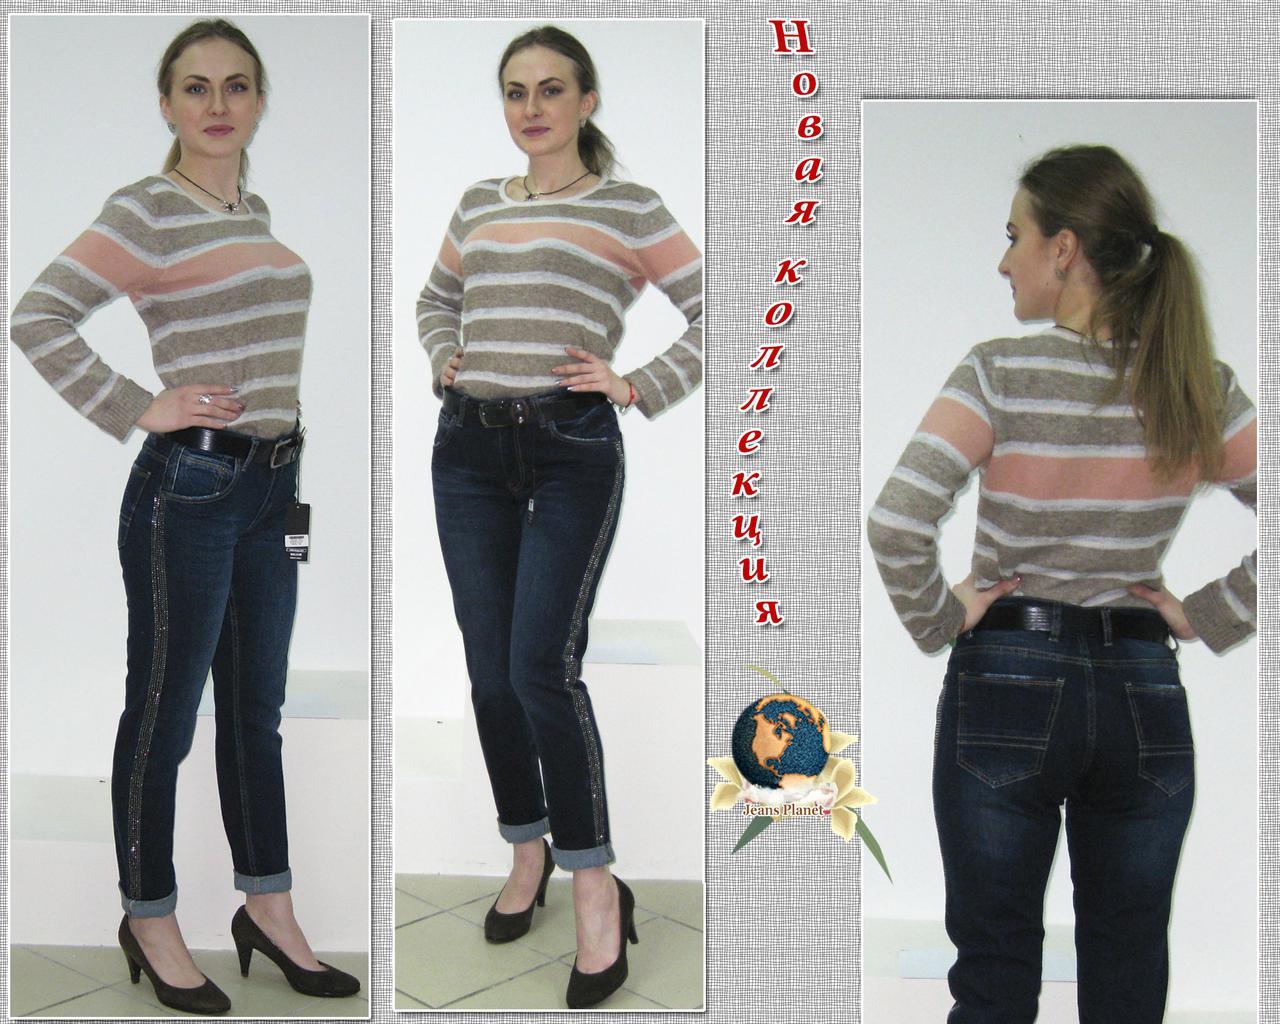 558dd005705 Джинсы женские на высокой талии EsQva с лампасами стразы - Jeans Planet  -джинсовая одежда для